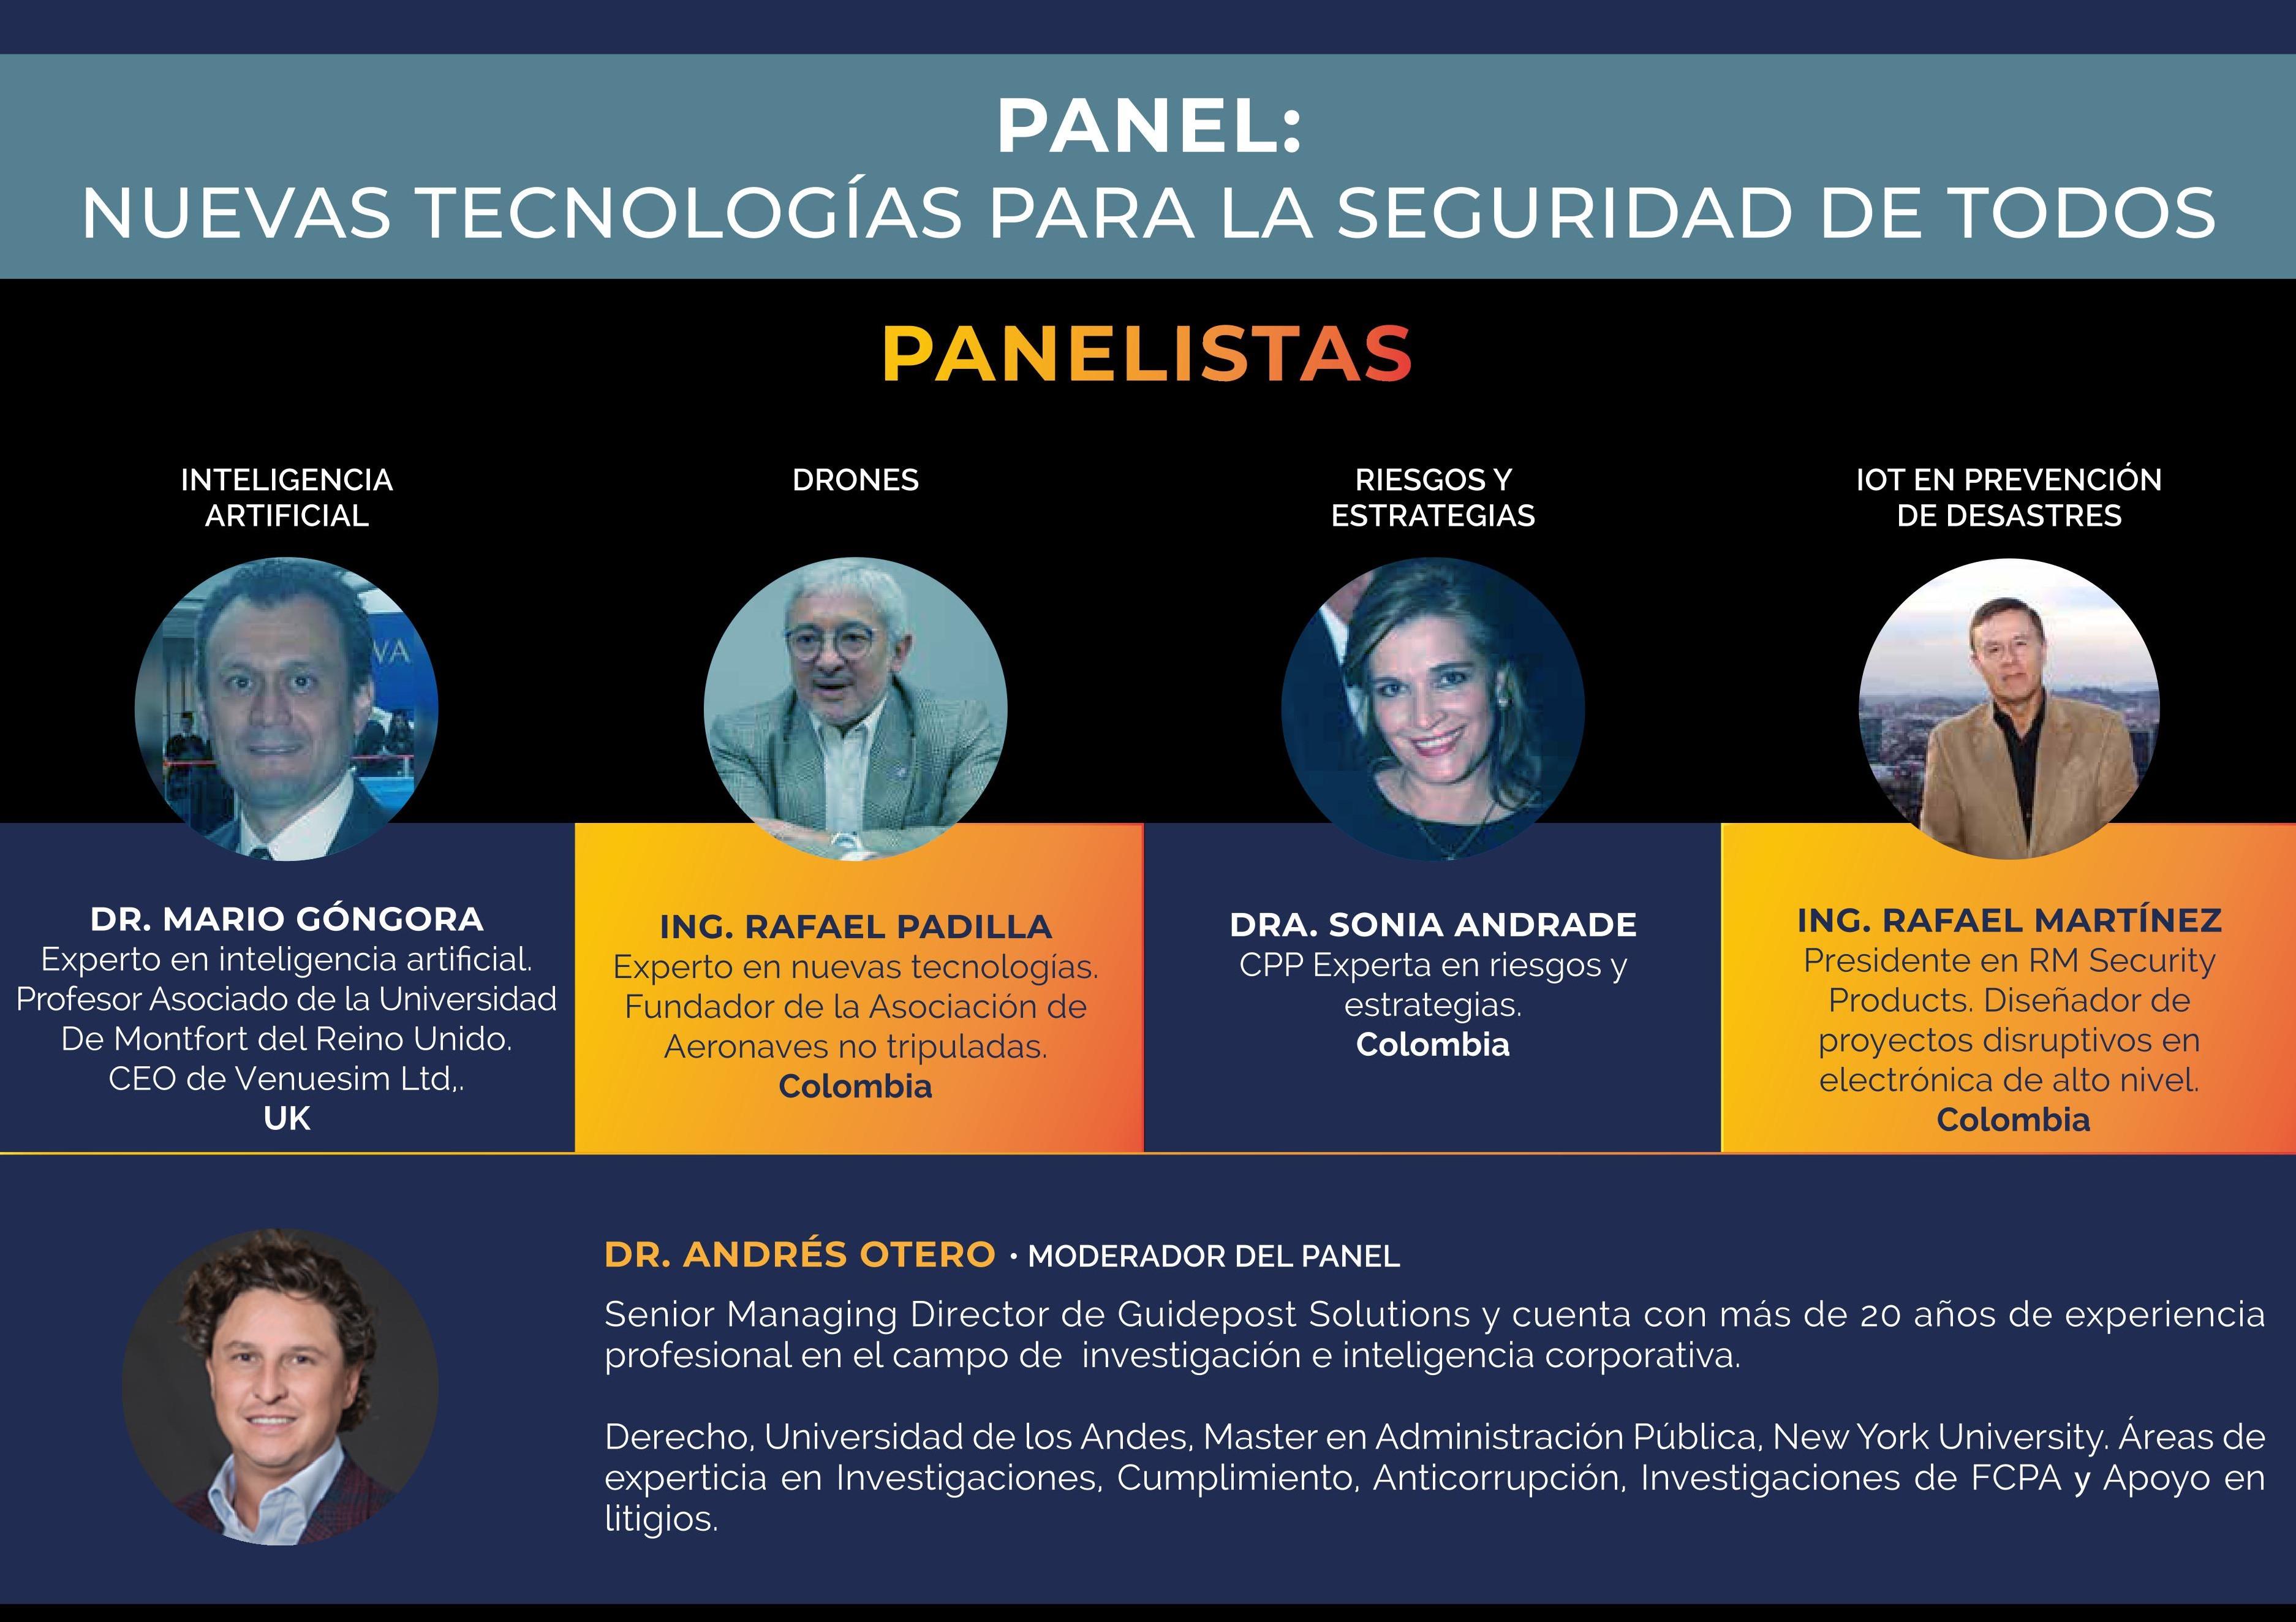 panel-nuevas-tecnologias-para-la-seguridad-de-todos